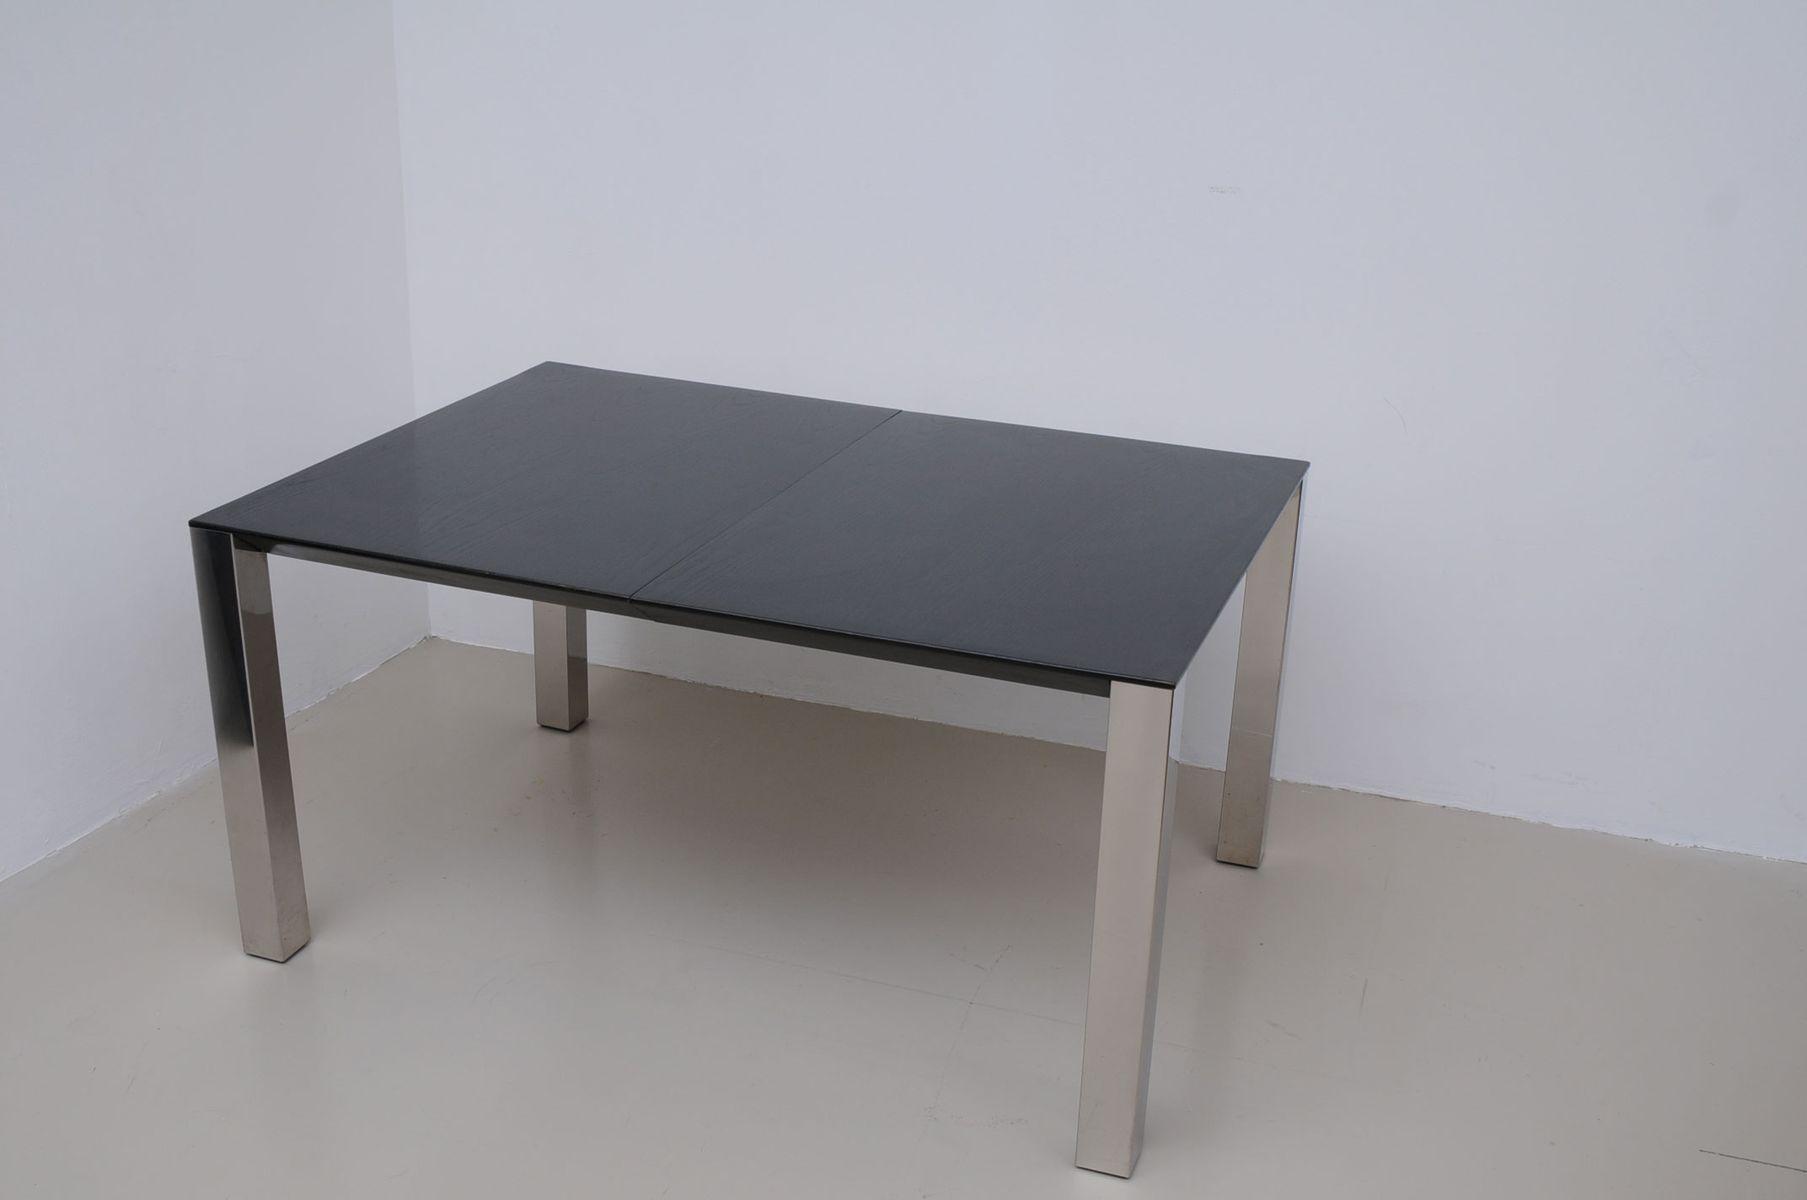 großer esstisch holz tisch weiß hochglanz ausziehbar 140